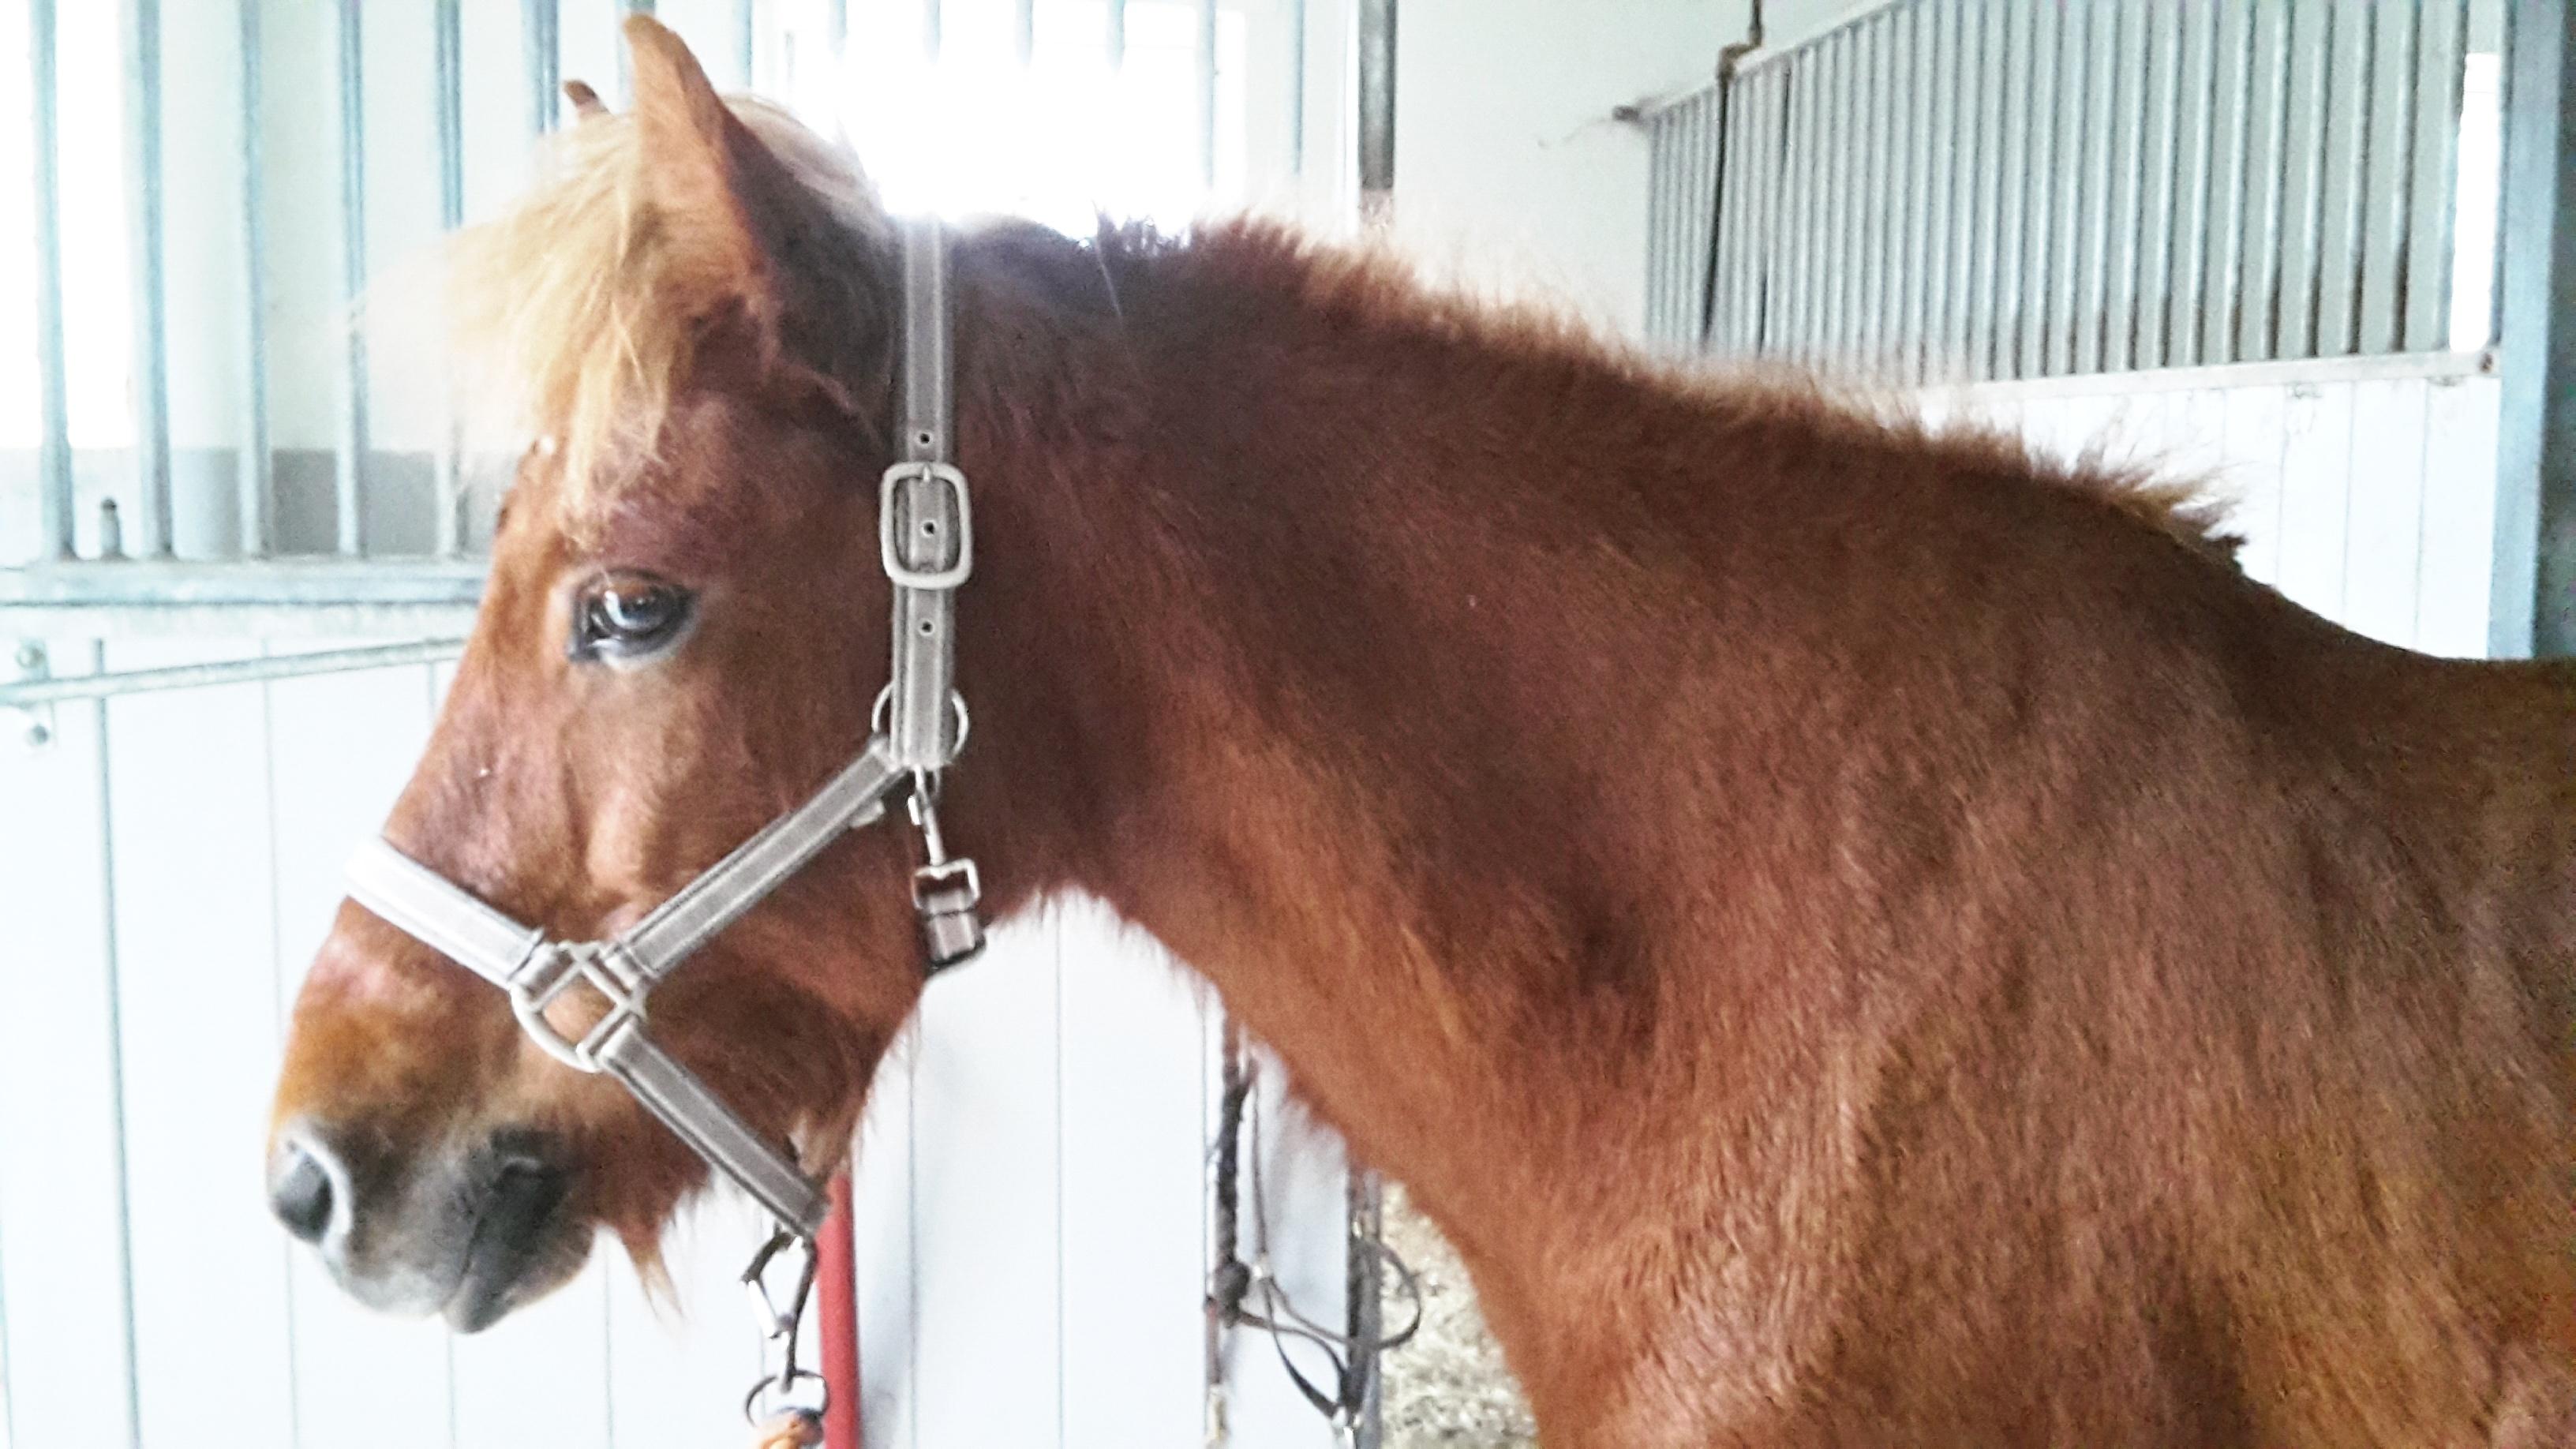 Muskelsättning på ovansidan halsen är ett tydligt tecken på att hästen börjat stärka överlinjen.